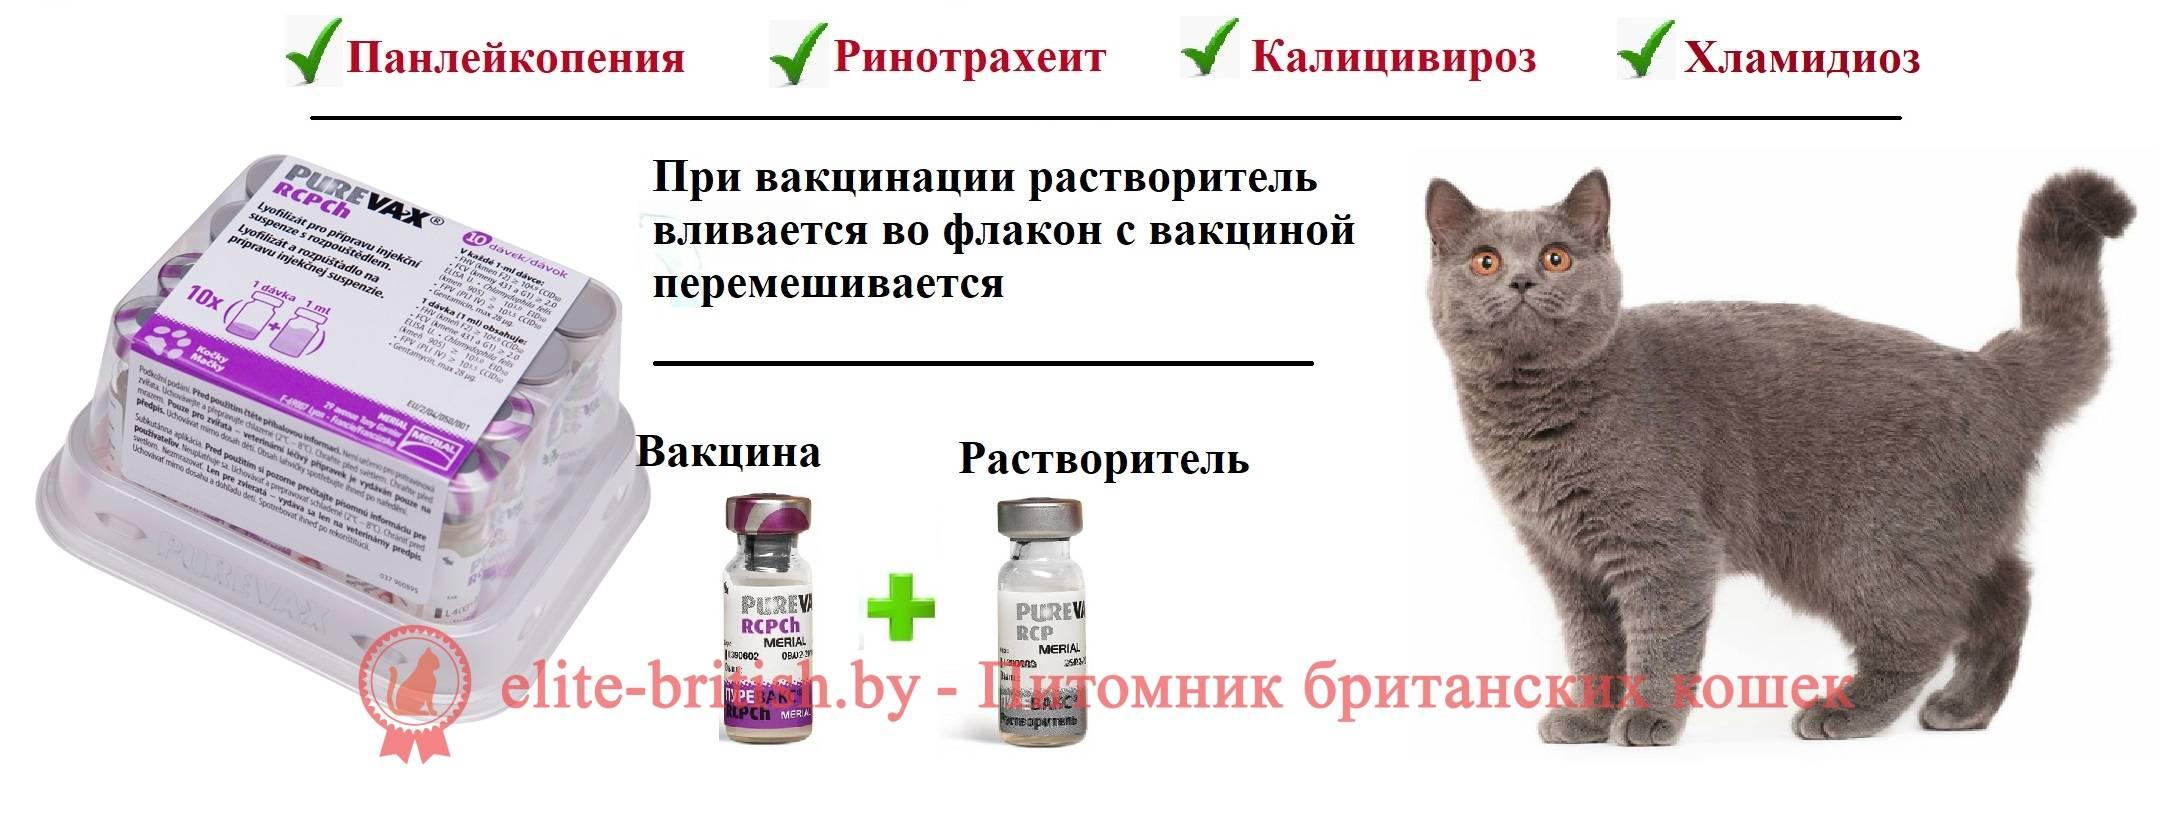 Как применяют вакцины